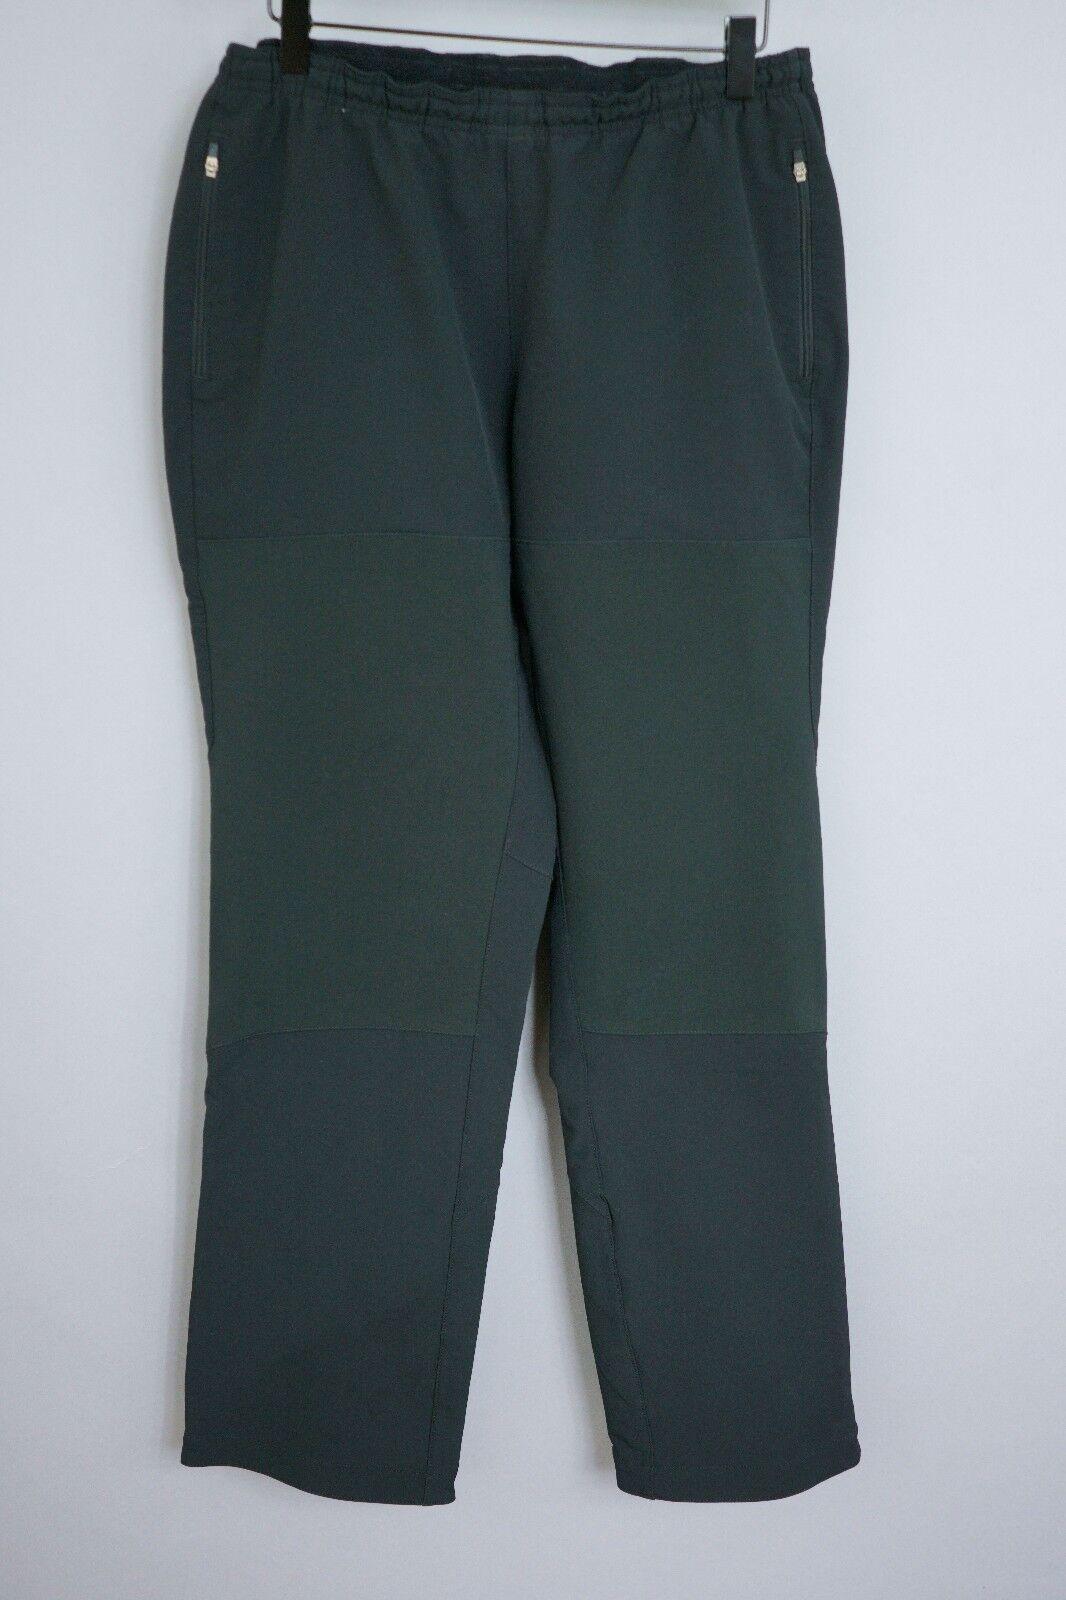 XII552 damen Patagonia schwarz Elástico Exterior Activewear Pantalones M W30 L32